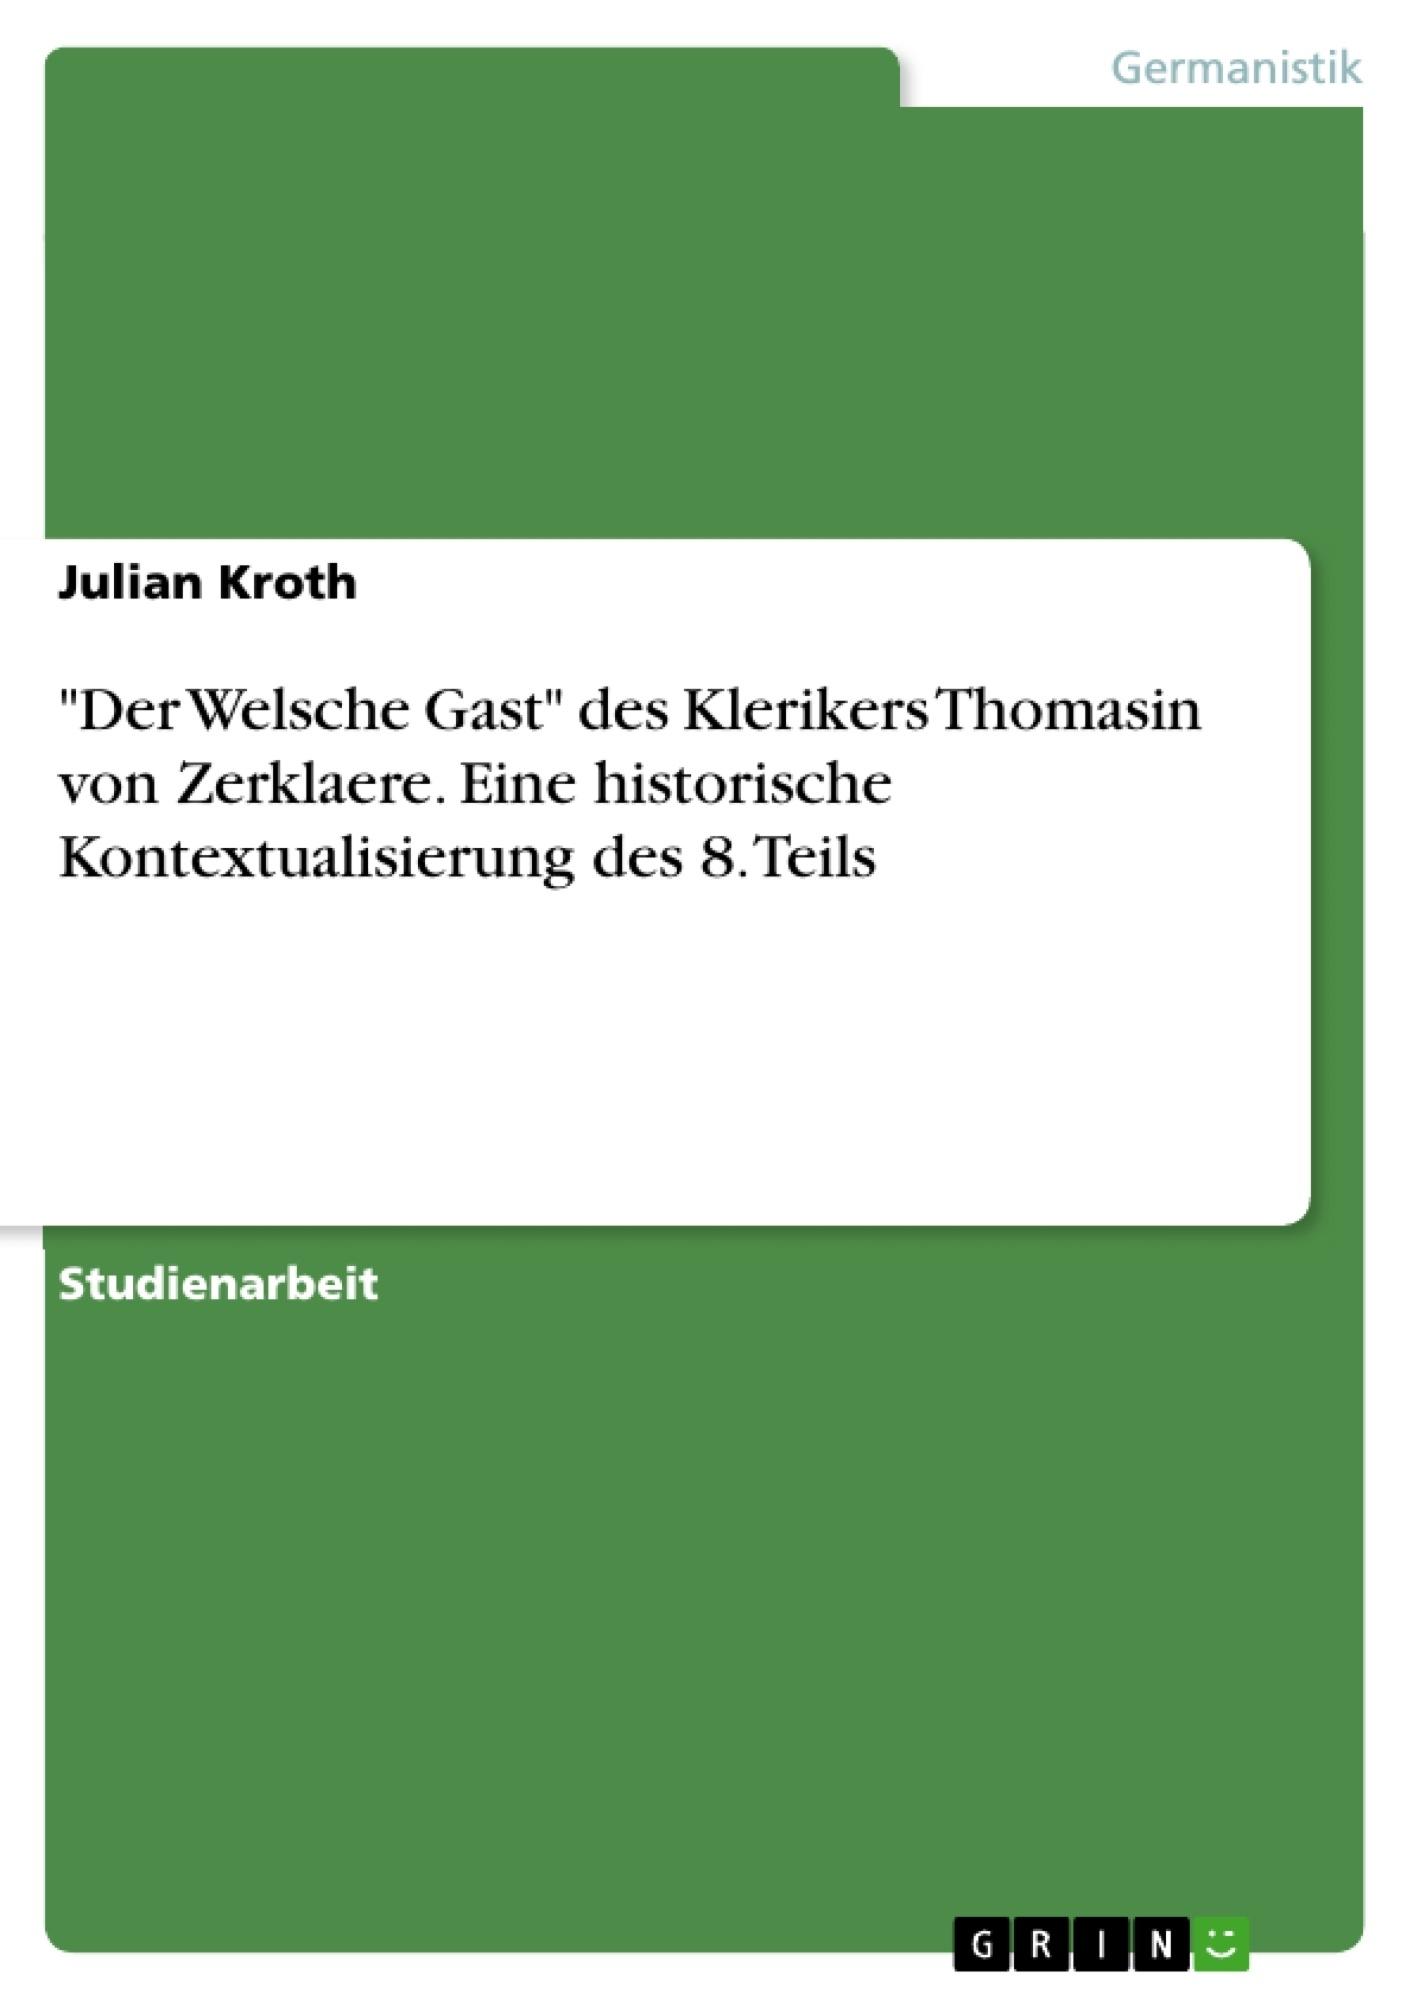 """Titel: """"Der Welsche Gast"""" des Klerikers Thomasin von Zerklaere. Eine historische Kontextualisierung des 8. Teils"""